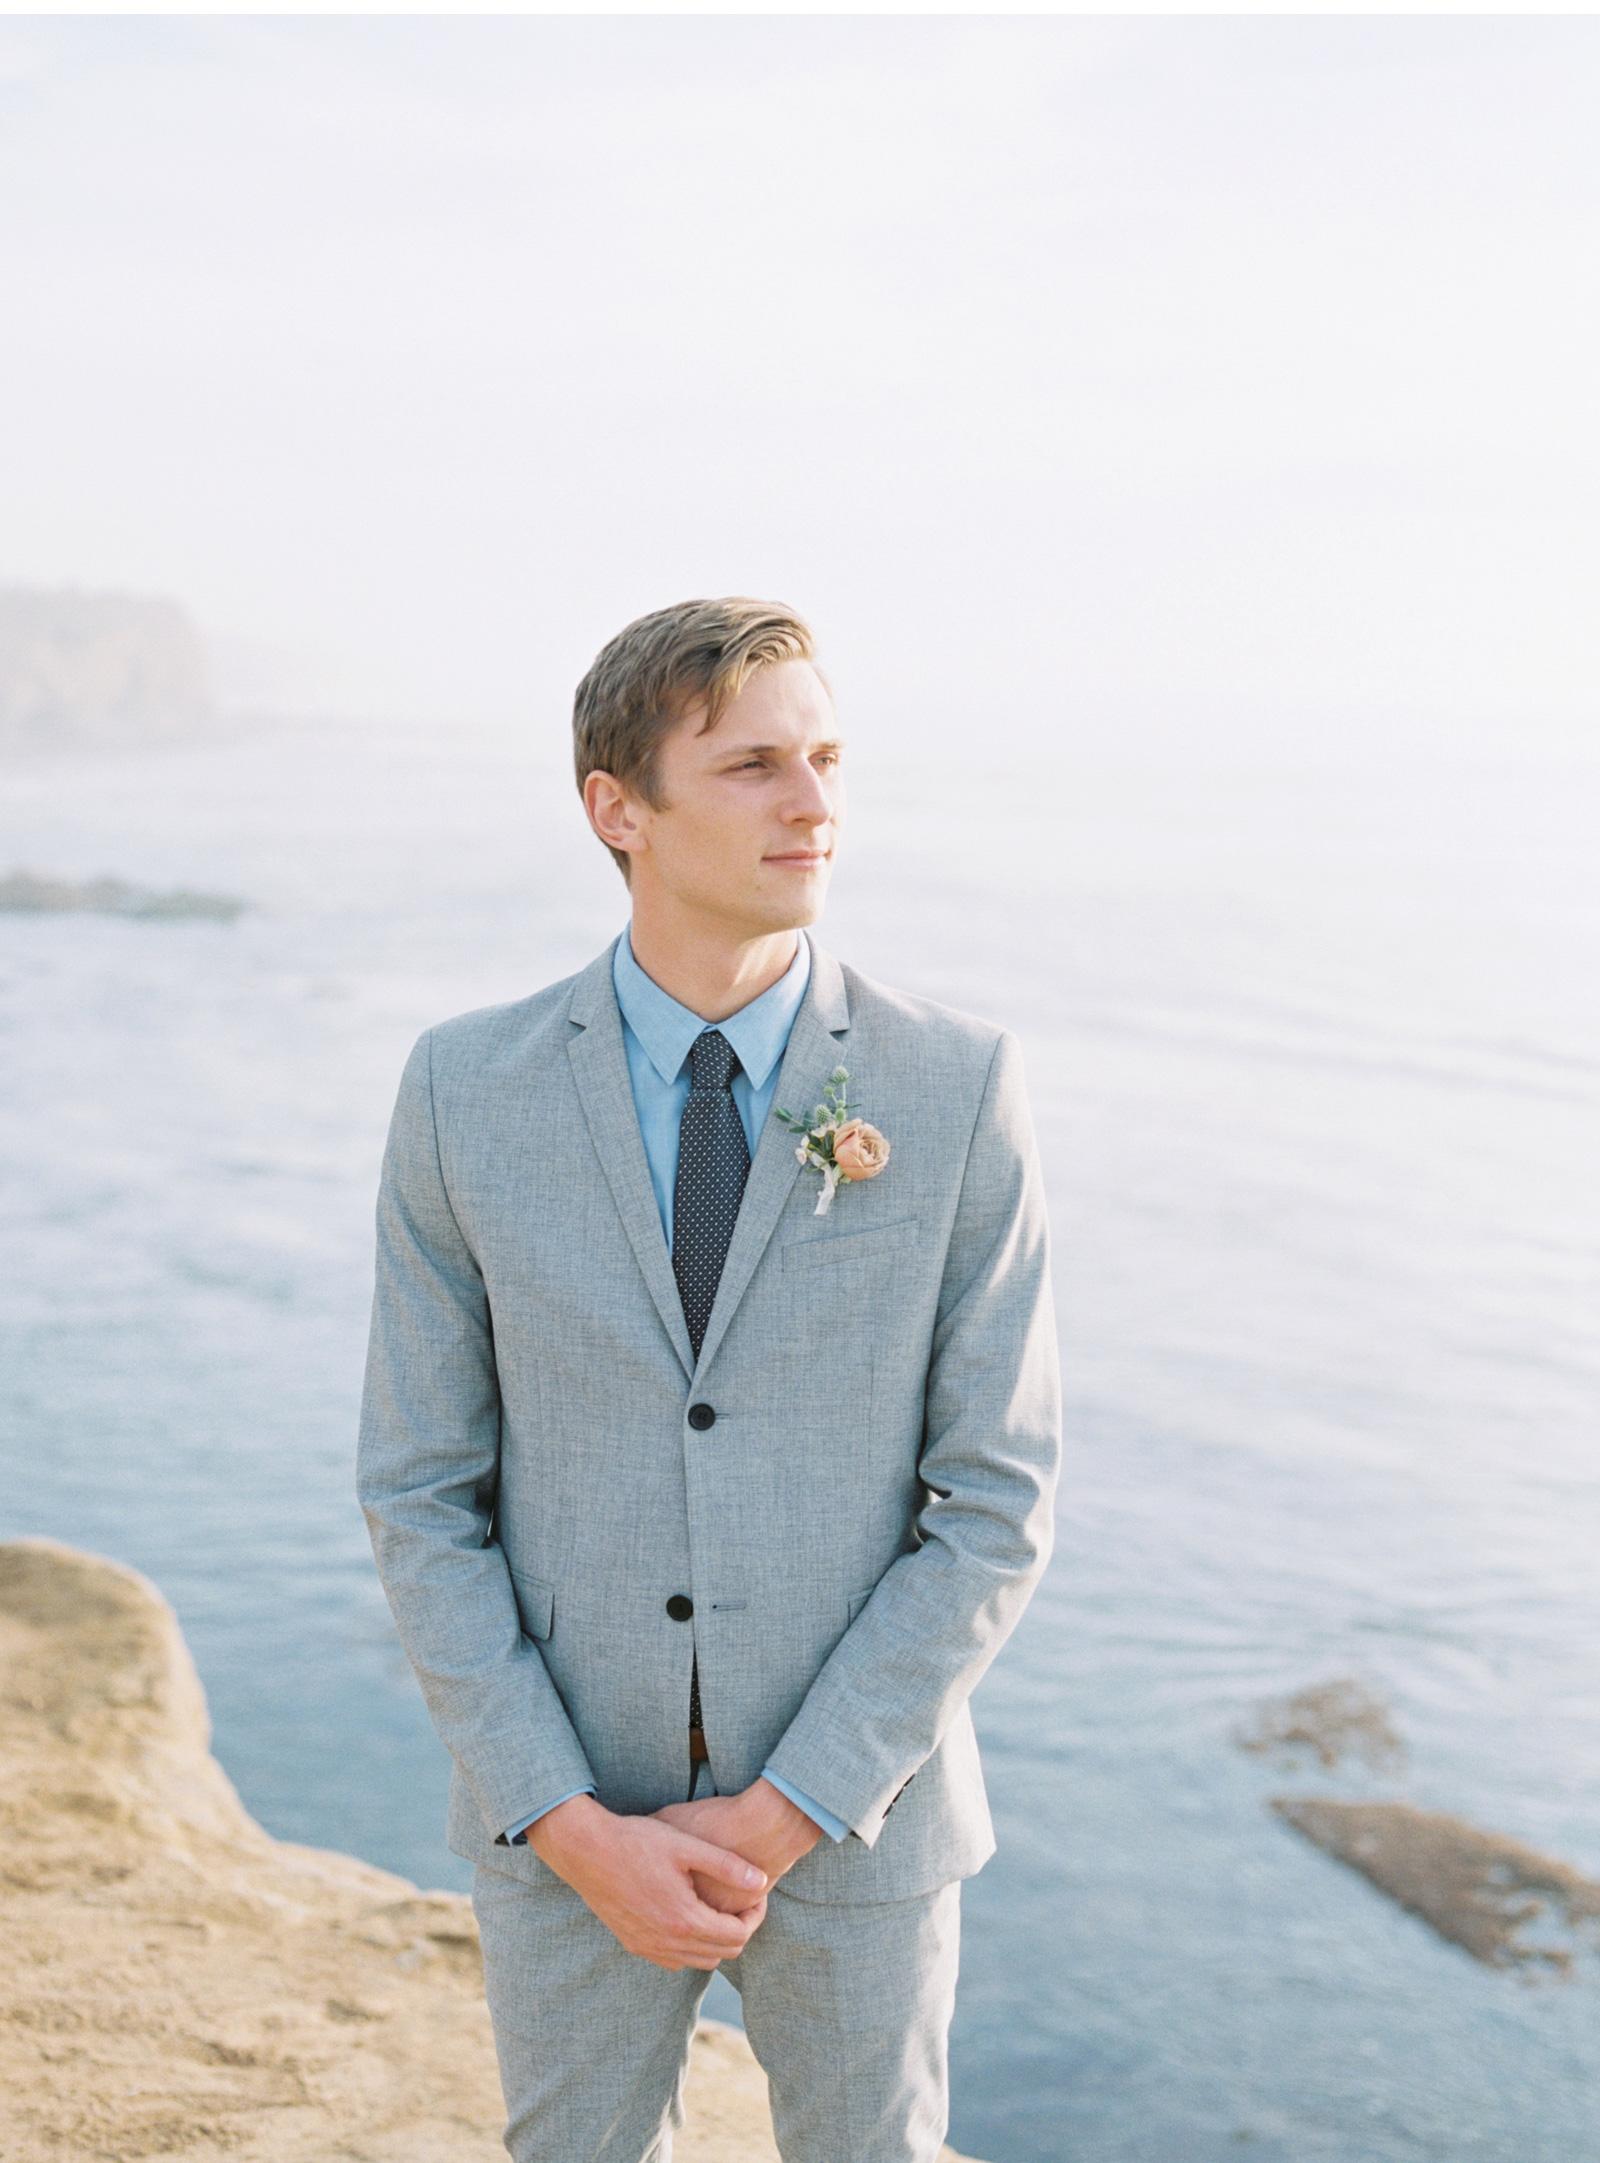 San-Clemente-Wedding-Photographer-Hawaii-Natalie-Schutt-Photography_03.jpg